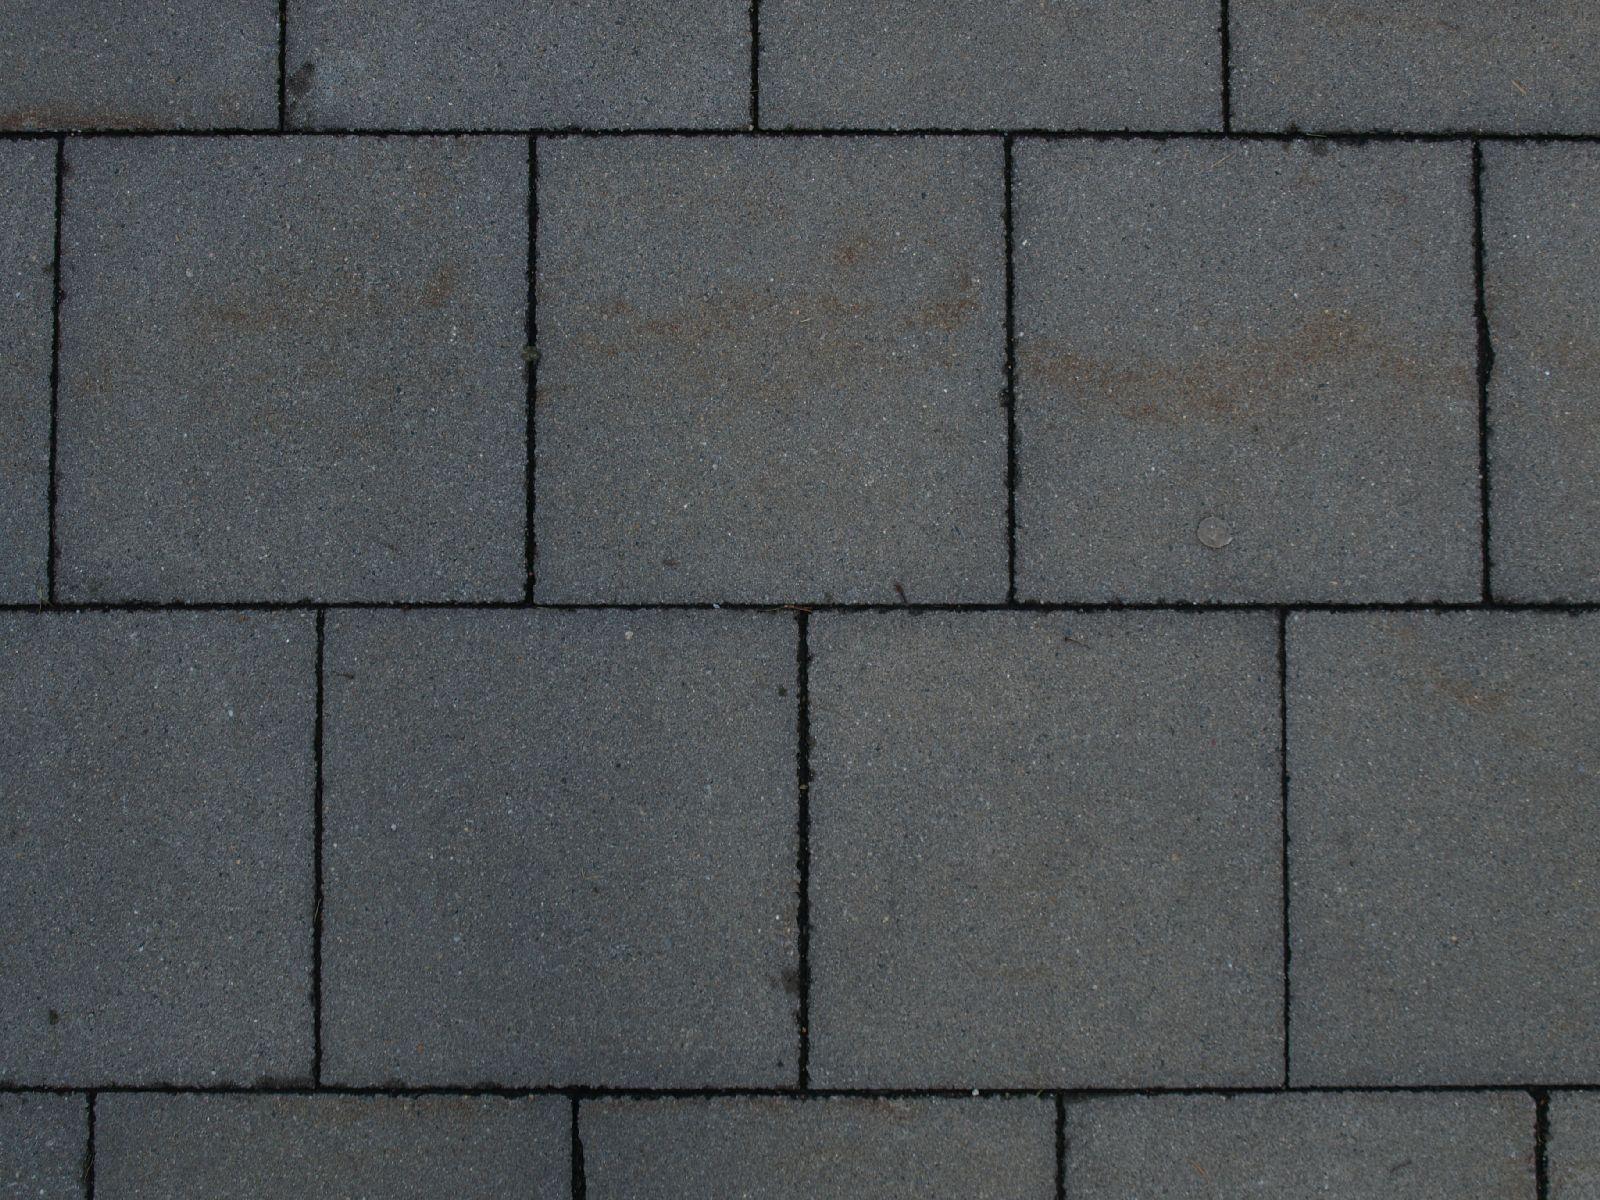 Boden-Gehweg-Strasse-Buergersteig-Textur_A_P8234593